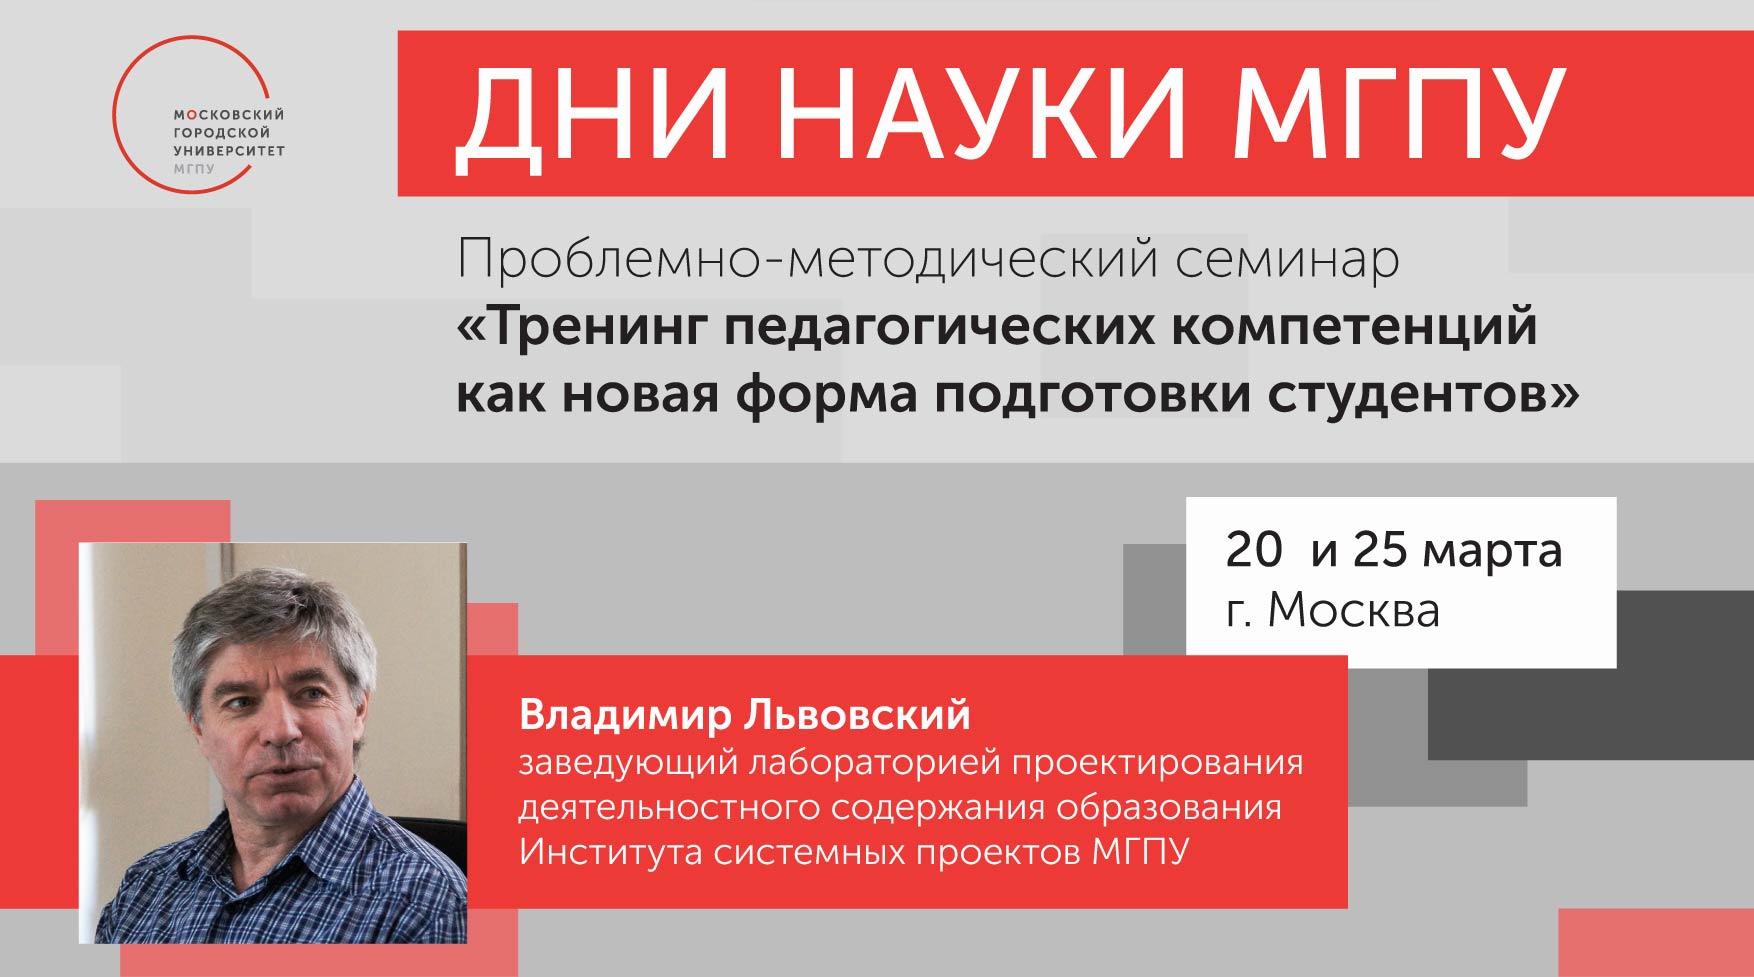 Институт системных проектов на«Днях науки МГПУ— 2019»